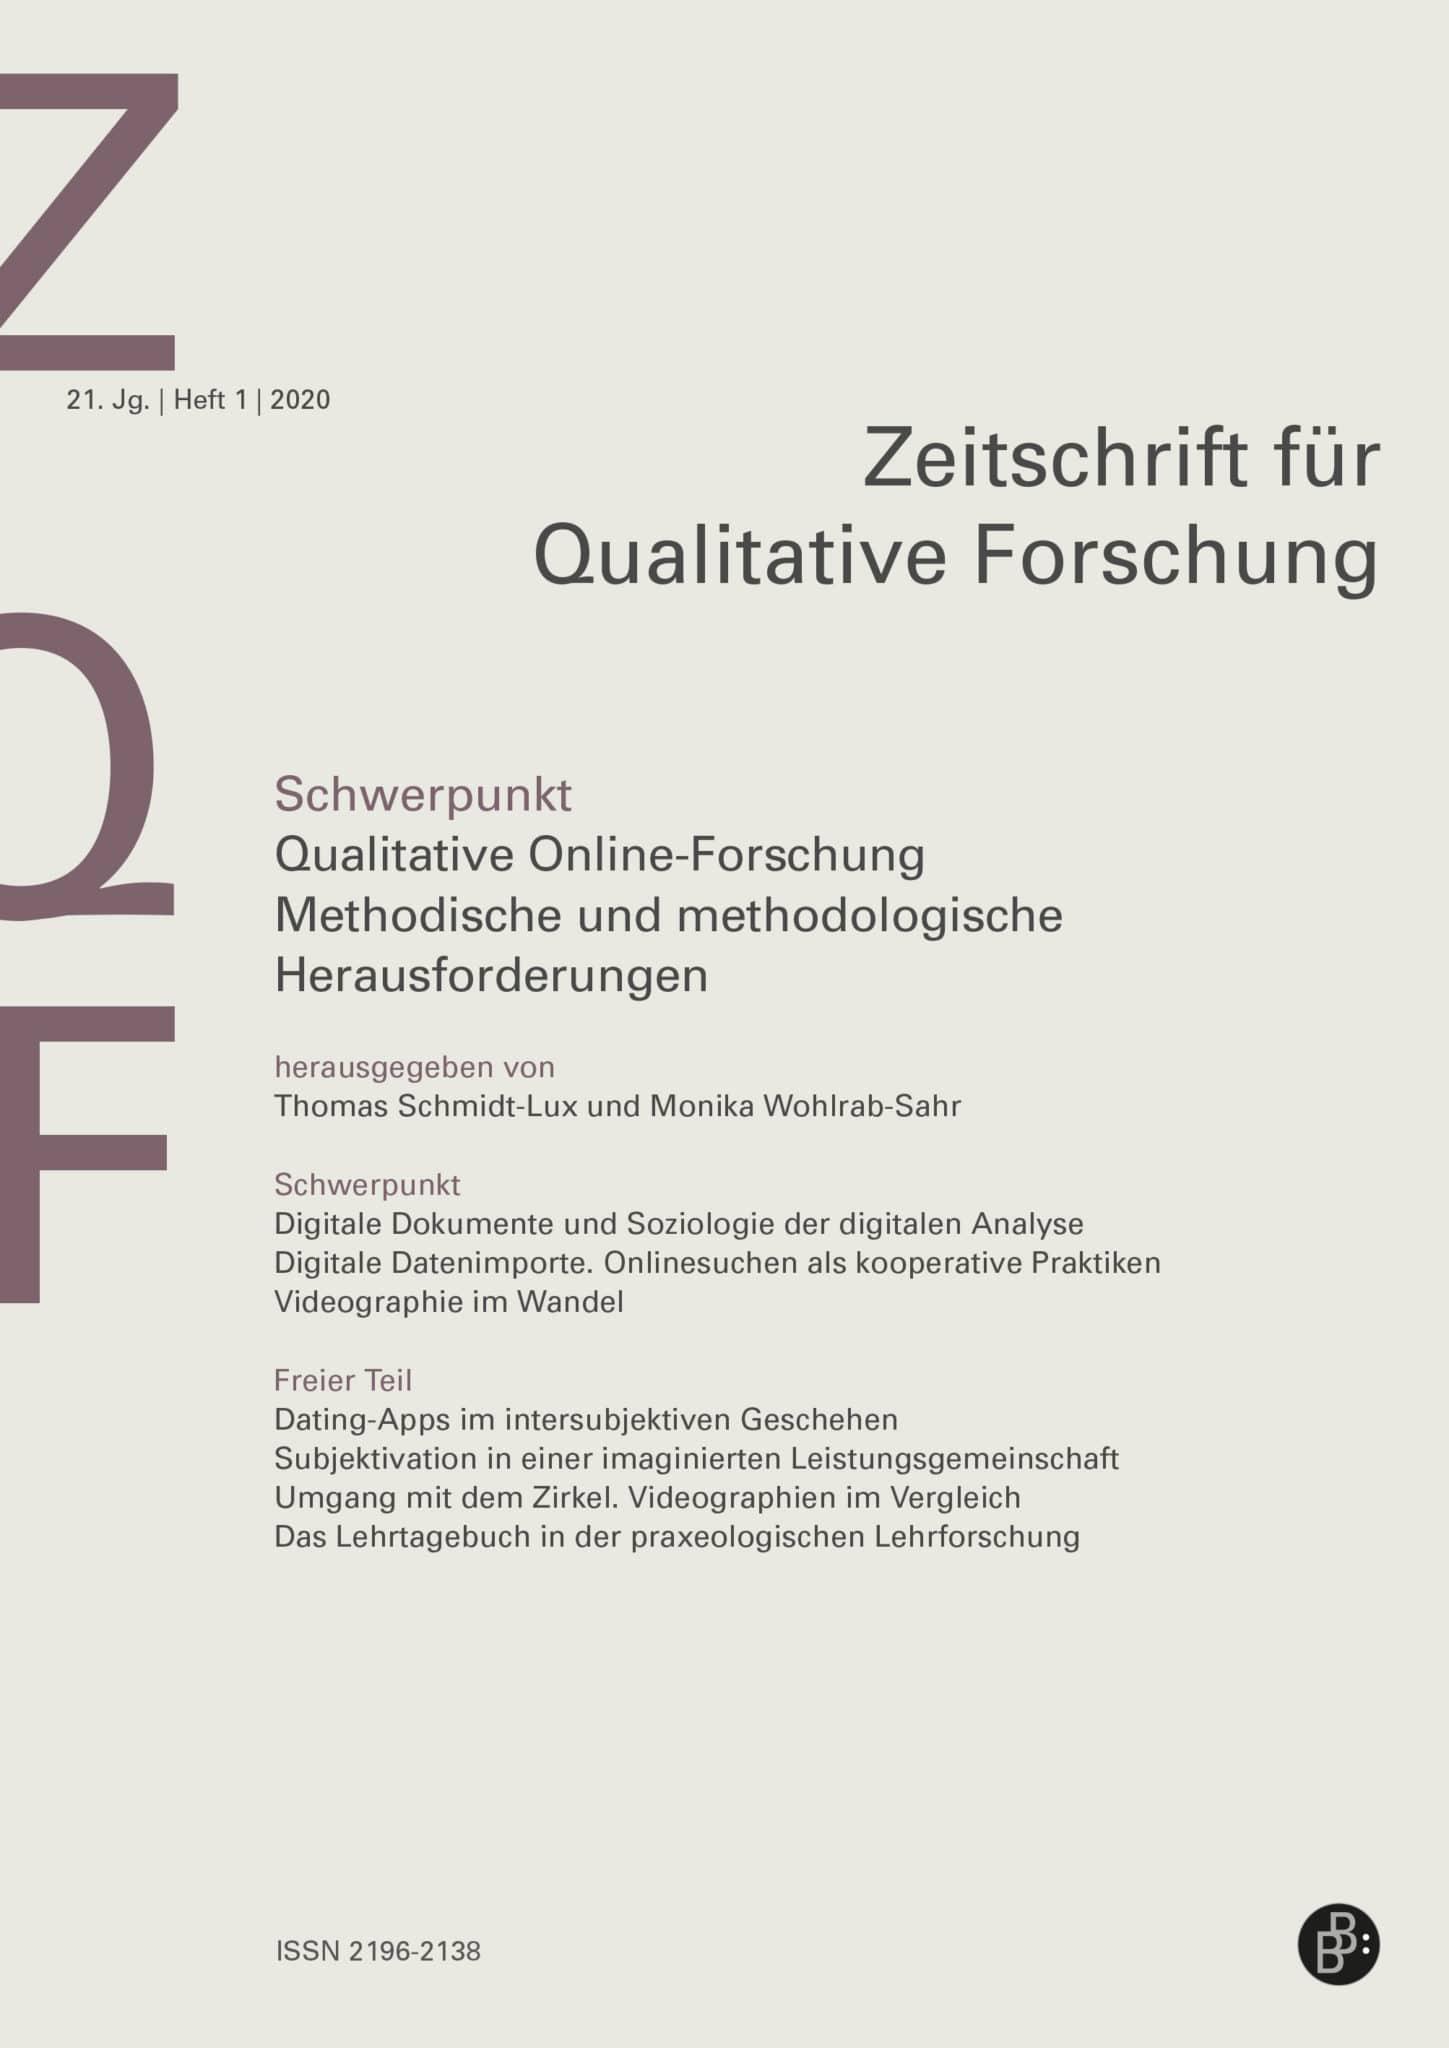 ZQF – Zeitschrift für Qualitative Forschung 1-2020: Qualitative Online-Forschung: Methodische und methodologische Herausforderungen